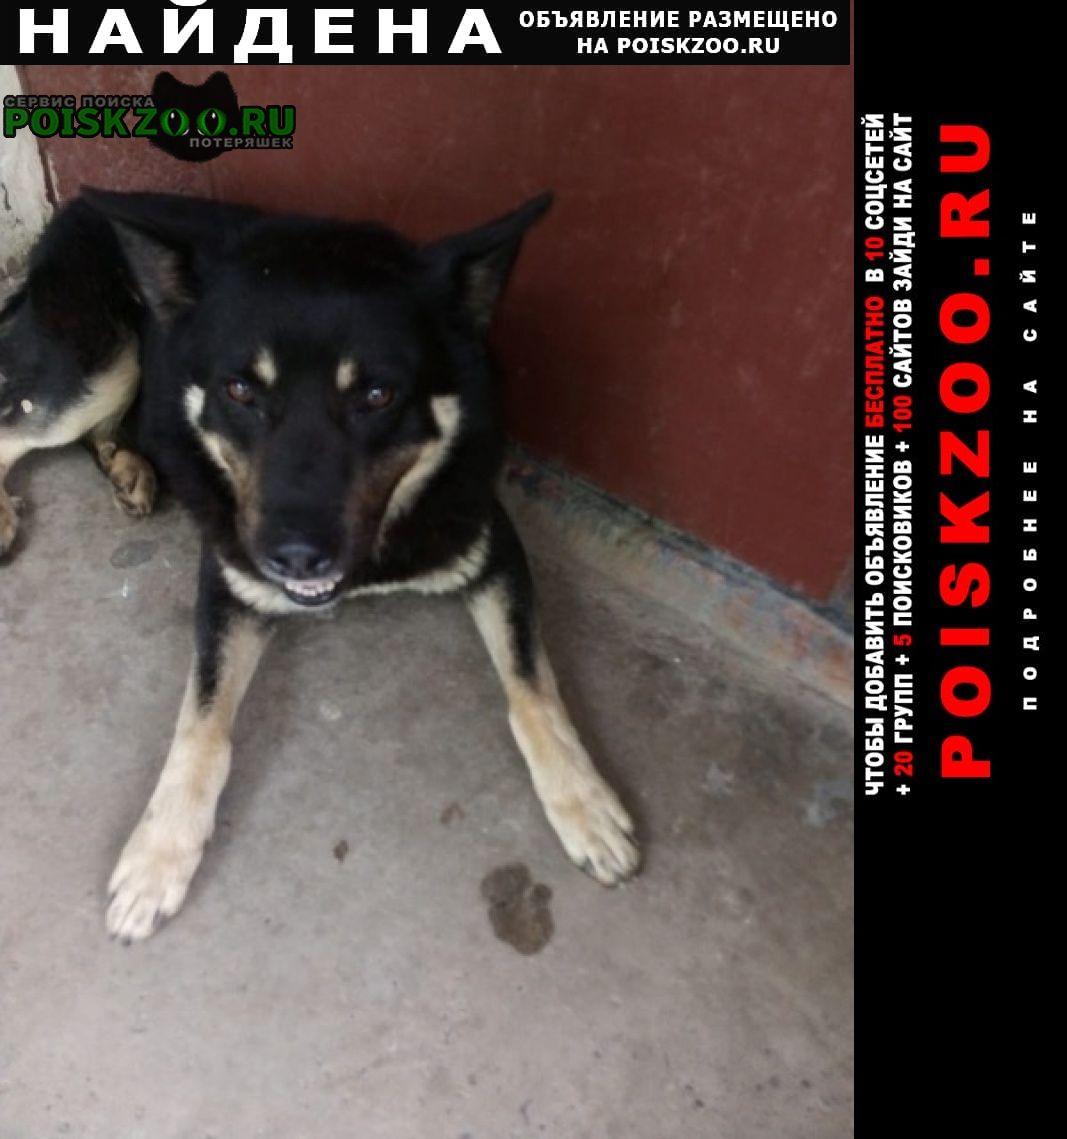 Найдена собака кобель немецкая овчарка черная подпадая Ростов-на-Дону